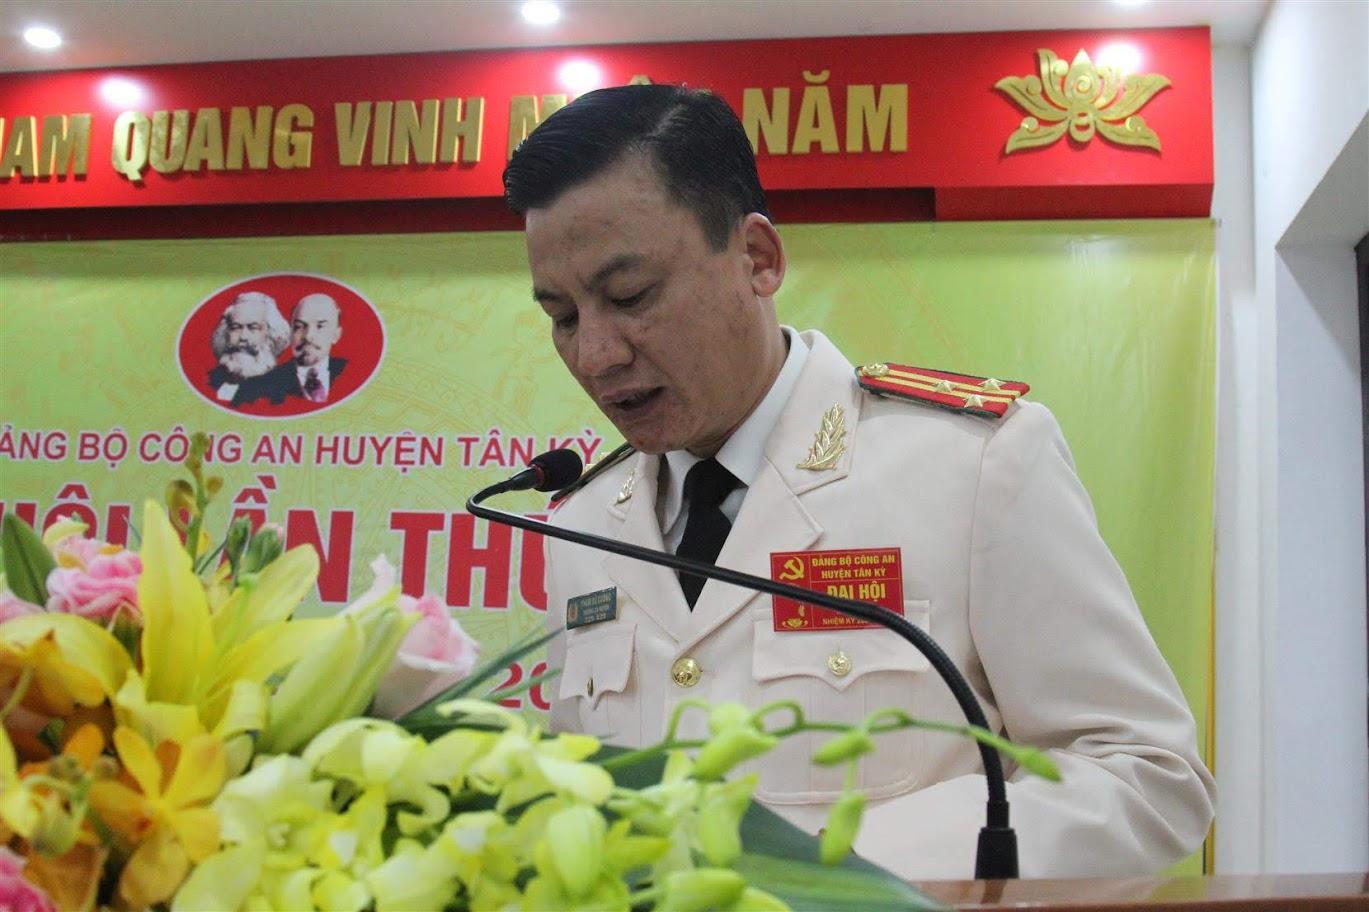 Thượng tá Phạm Vũ Cường - Bí thư Đảng ủy, Trưởng Công an huyện đọc diễn viên khai mạc